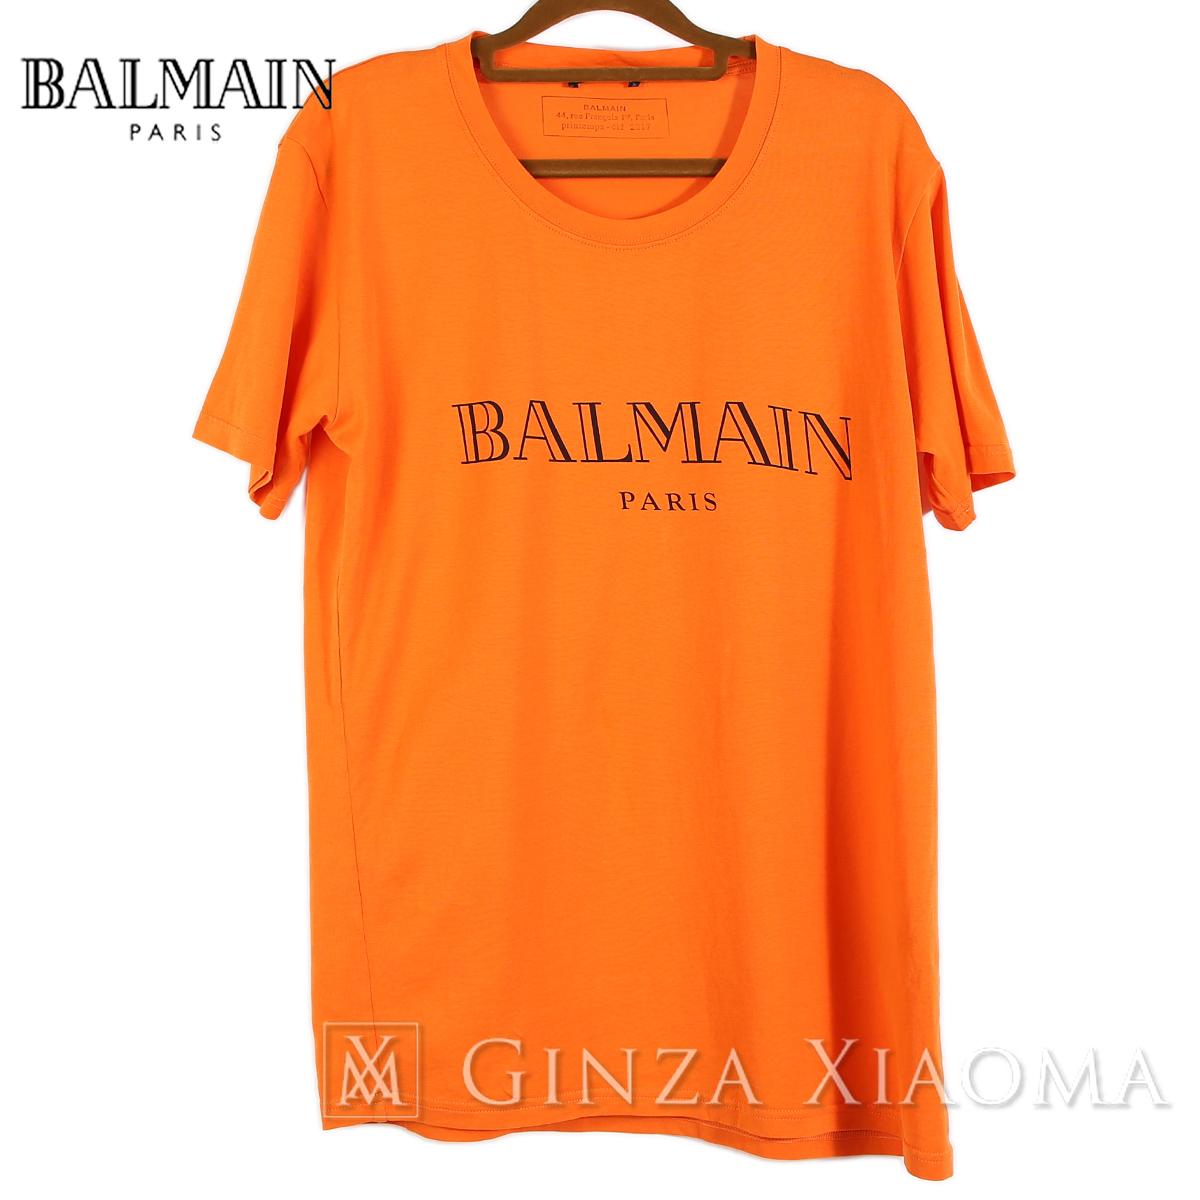 【美品】BALMAN バルマン 半袖カットソー Tシャツ コットン オレンジ Sサイズ 中古